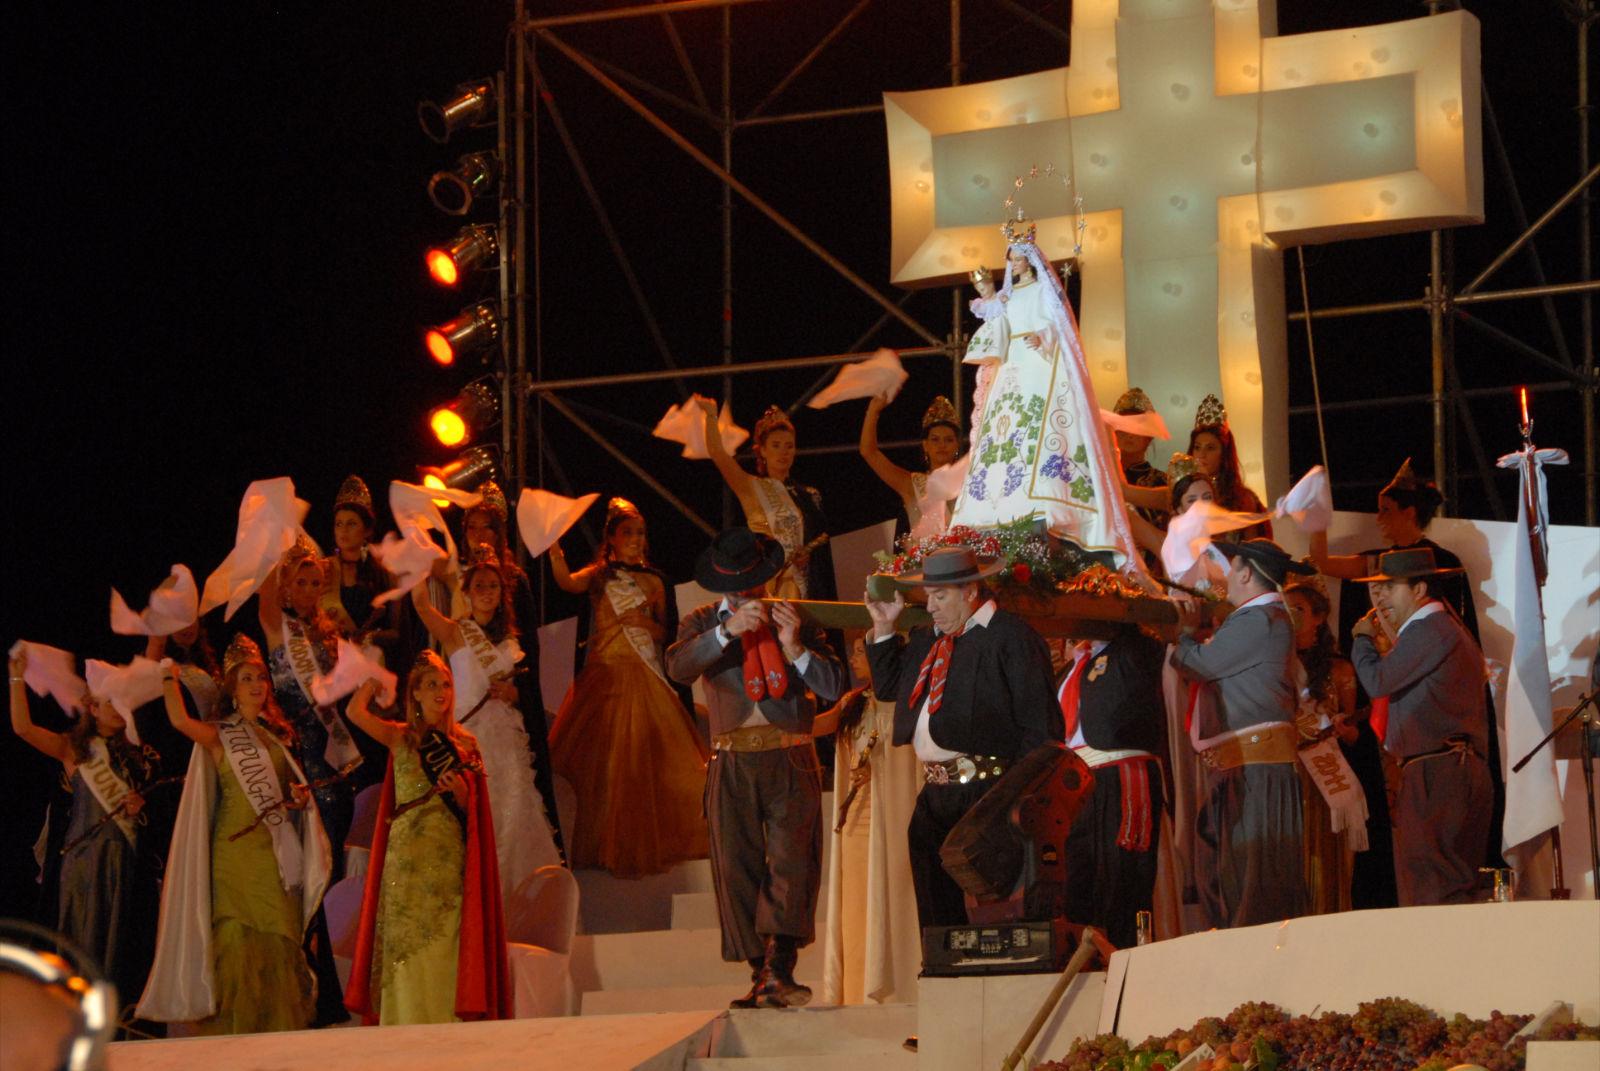 Nuestra Señora de la Carrodilla, Protectora de los Viñedos, Mendoza, Argentina (15 mar)